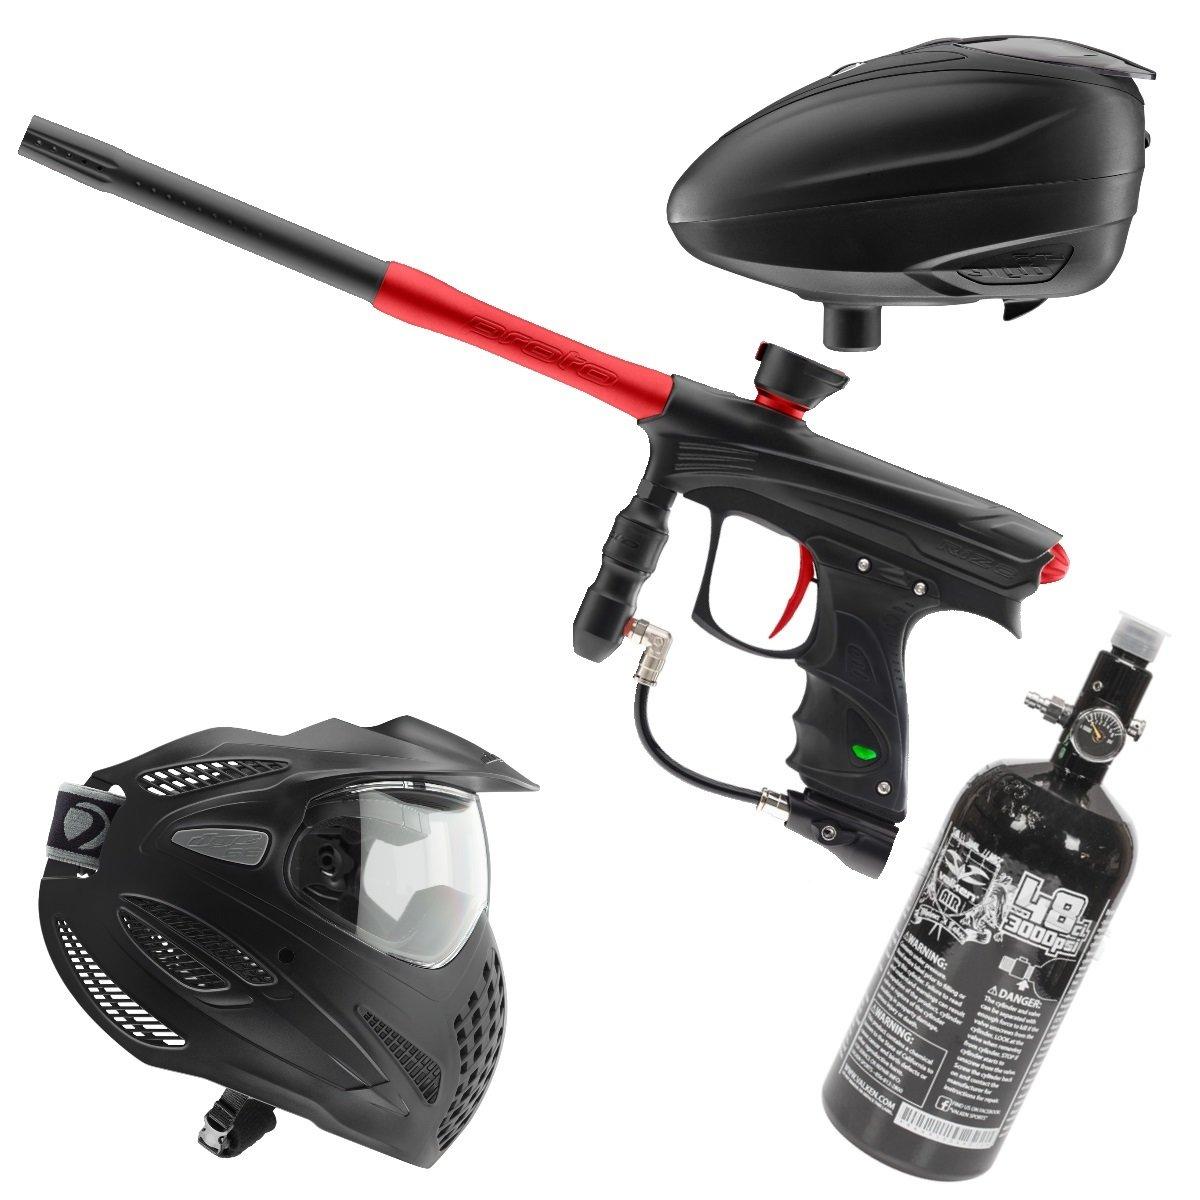 Marker Package - Dye Rize Maxxed Marker - Blk/Red Dust / Dye LT-R Black / Dye Se Goggle Single / Valken 48cu 3000 psi Air Tank